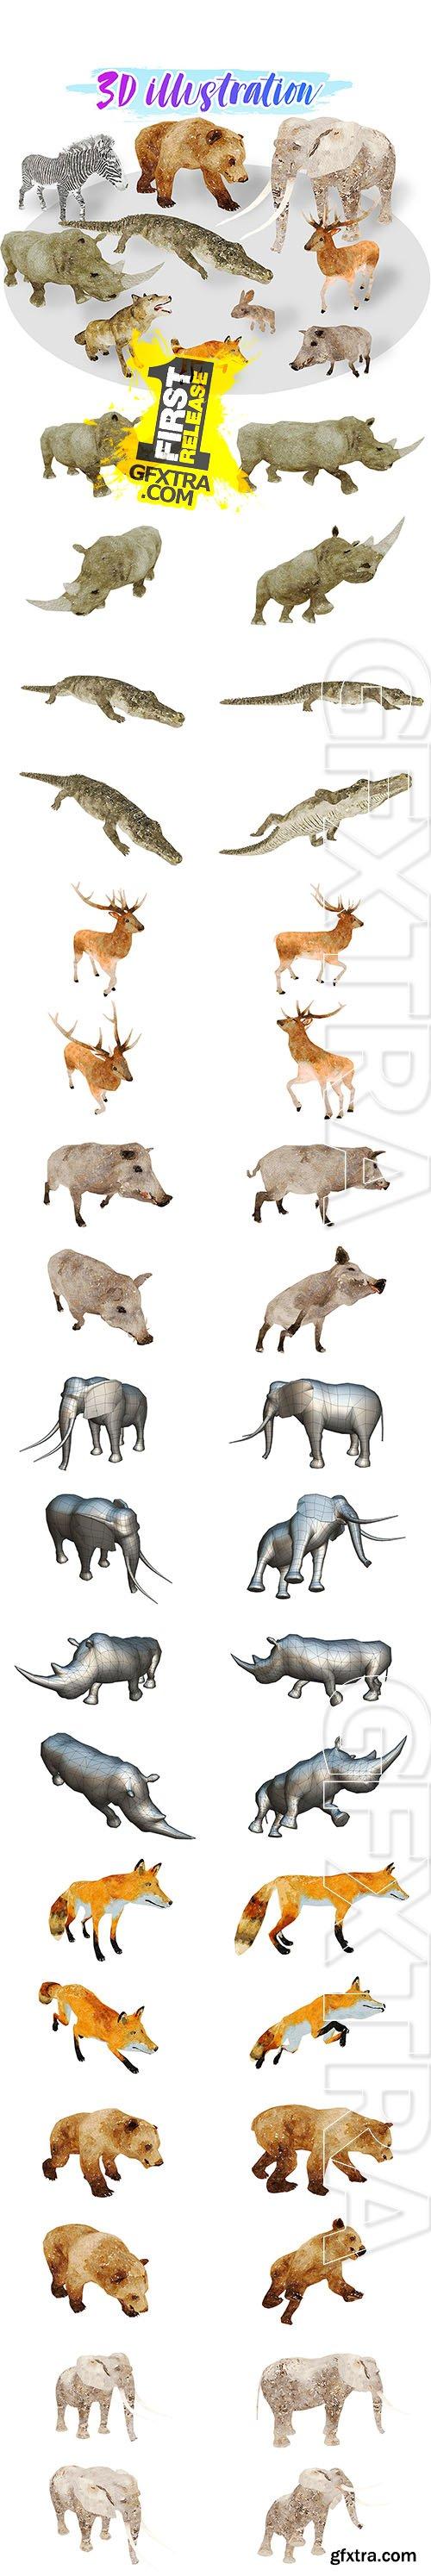 Cubebrush - Africa Animal Illustration Animated Part 1